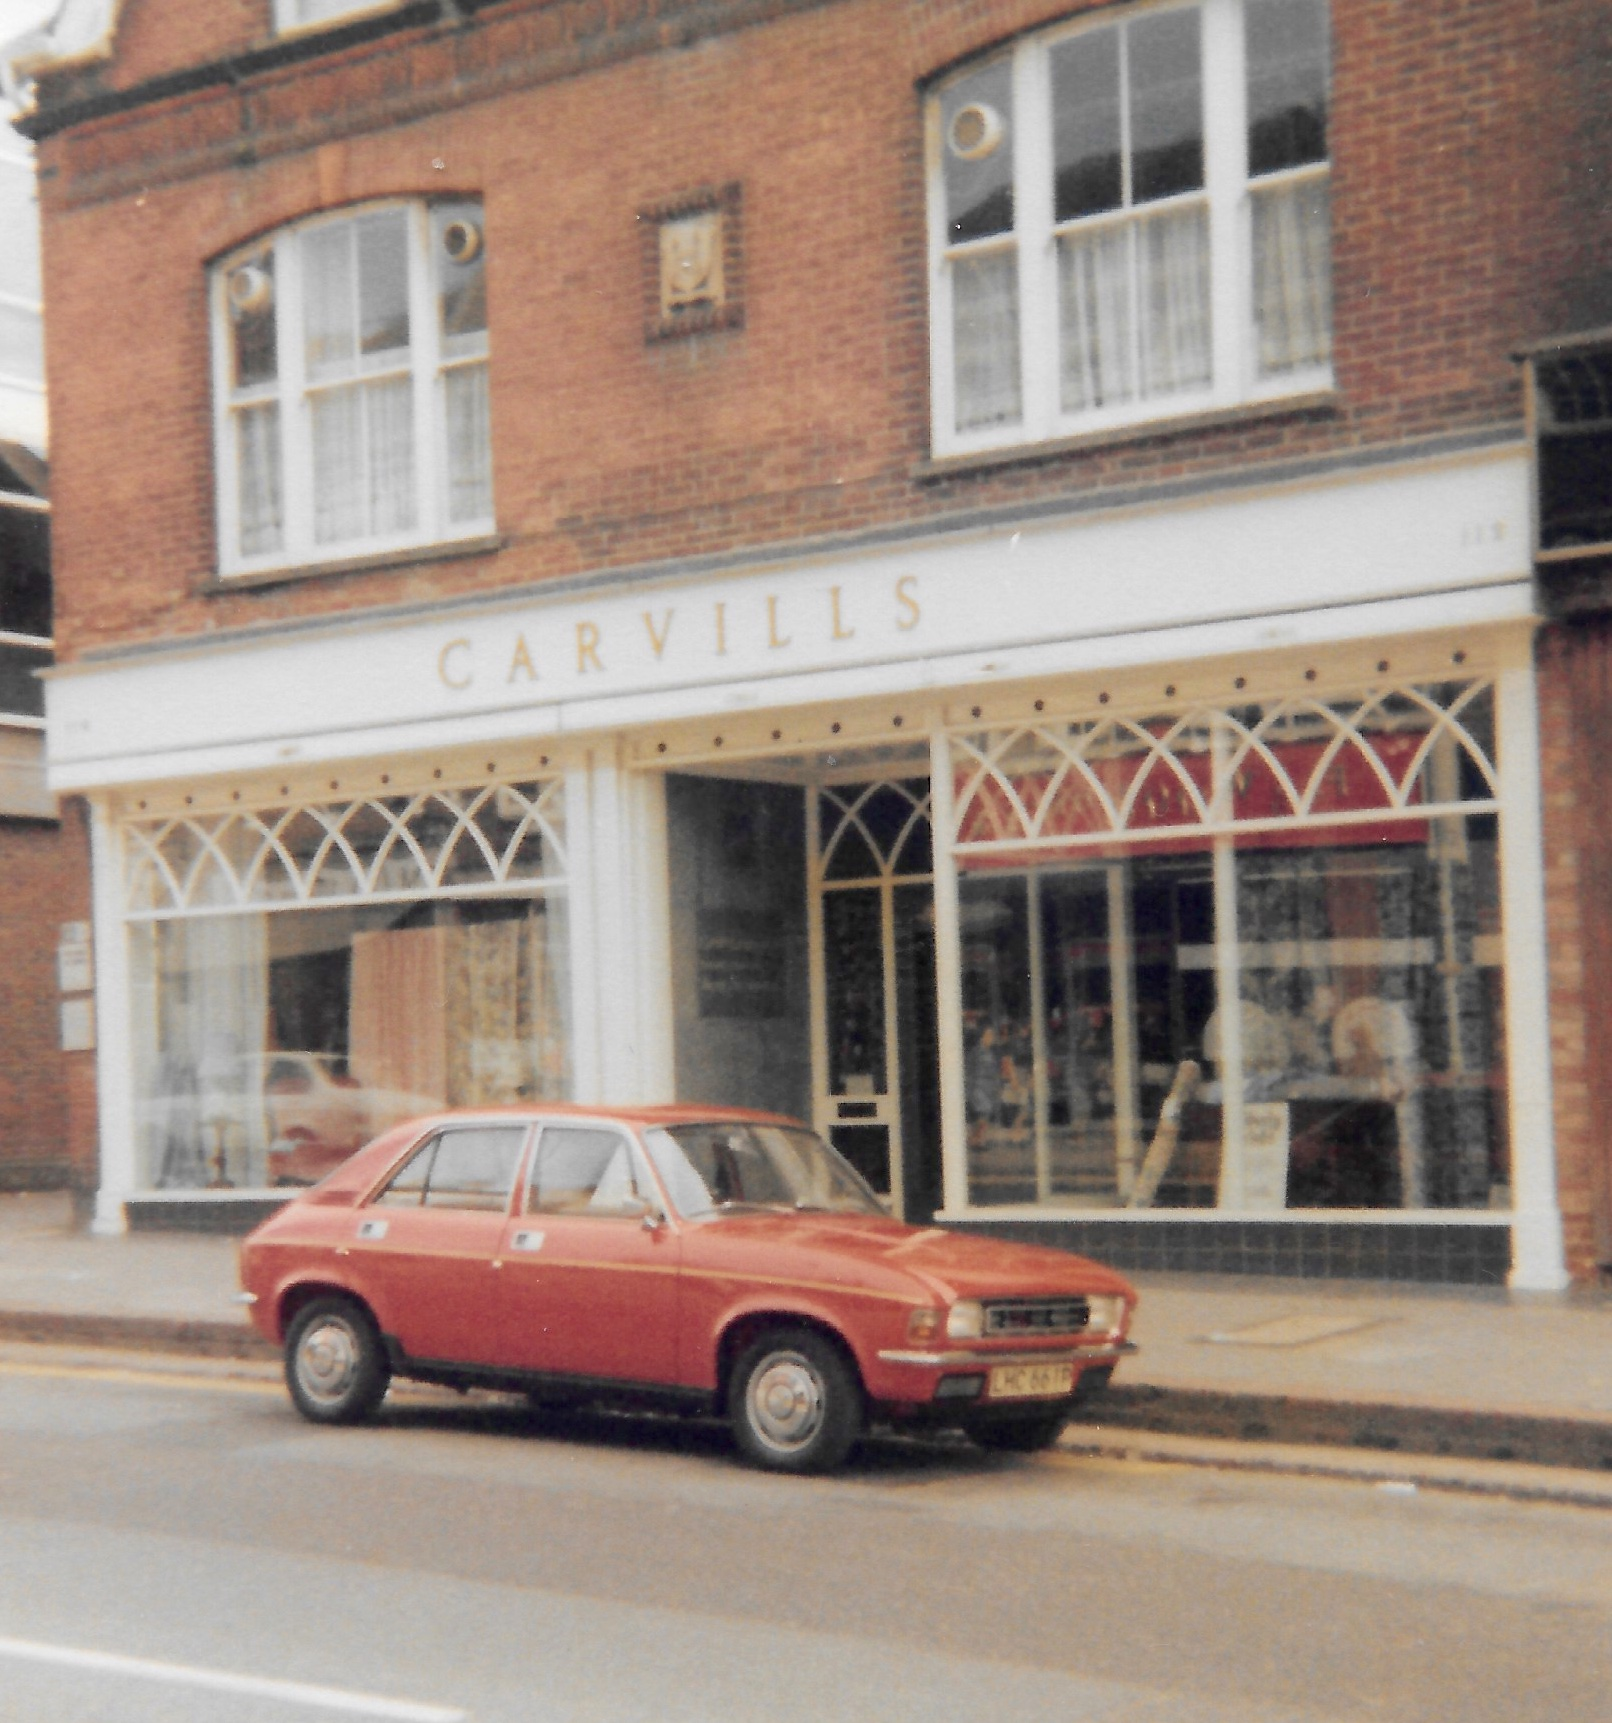 LHC661P Austin Allegro-carvills-1979-shop-window-added-1970